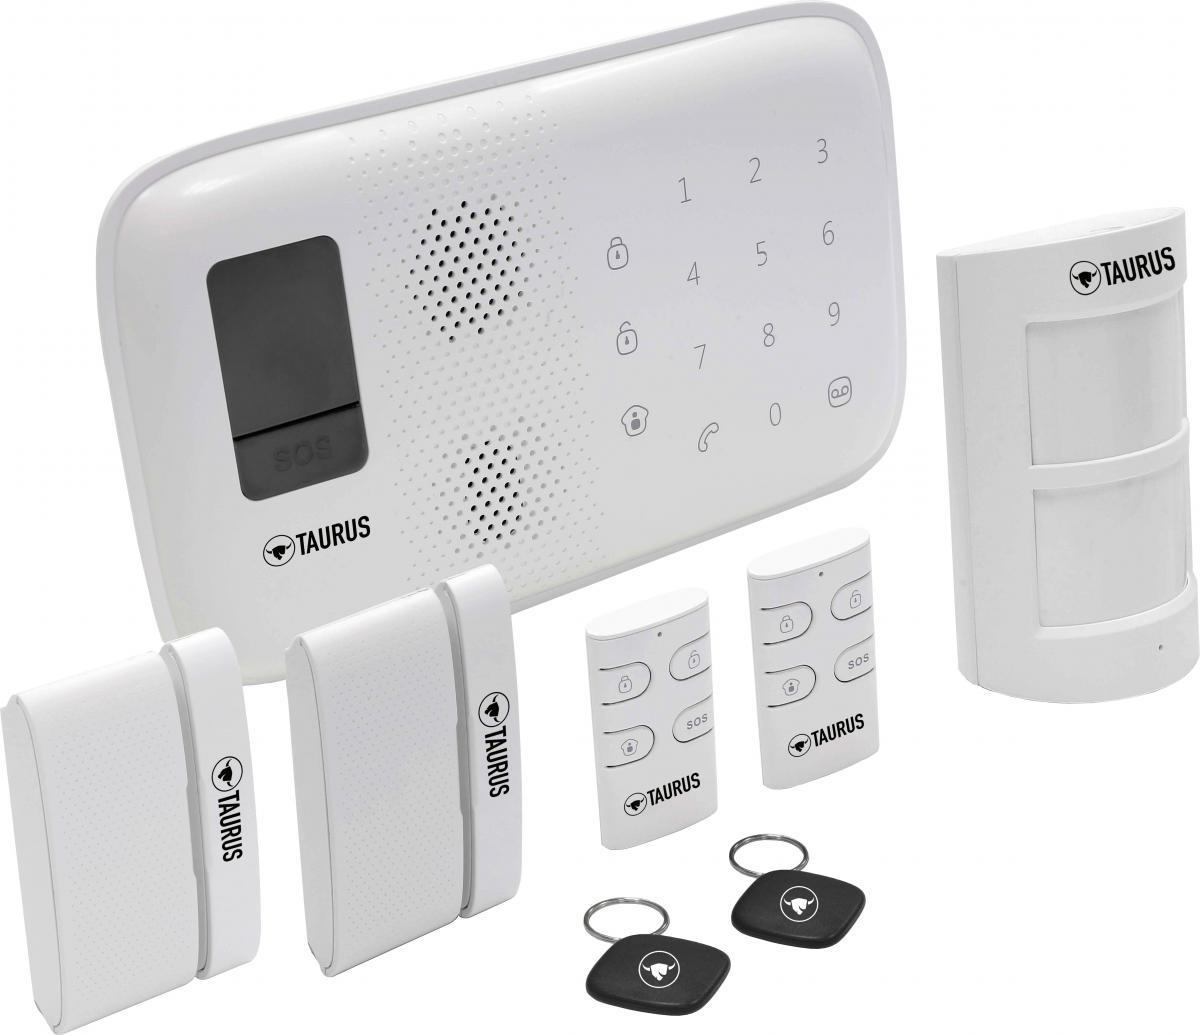 Bild 1 von TAURUS 03 Alarmsystem-Basispaket